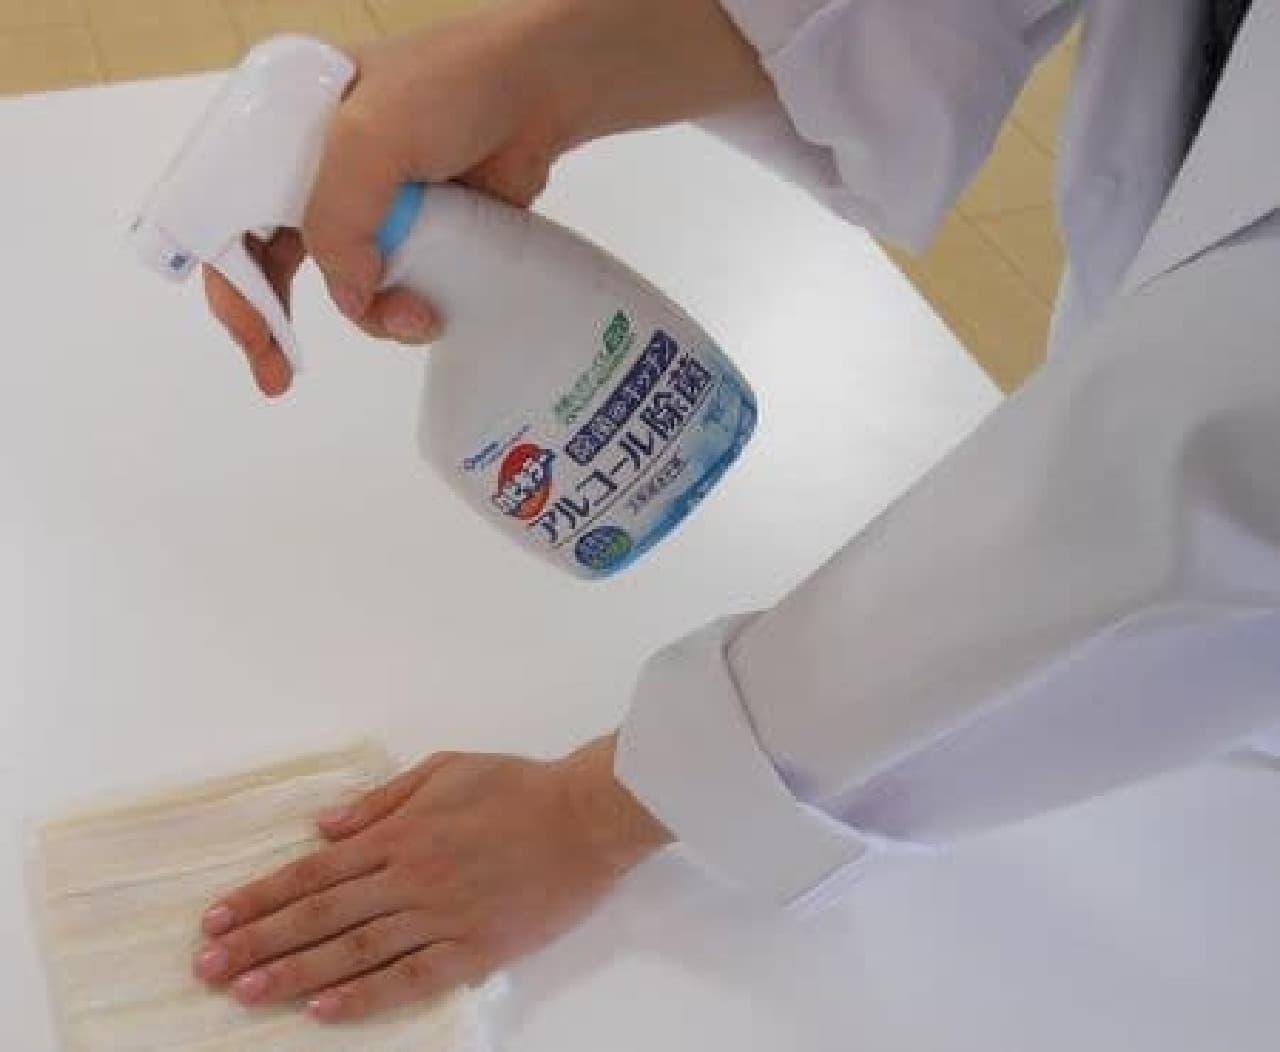 アルコール除菌拭きは毎日の習慣に。